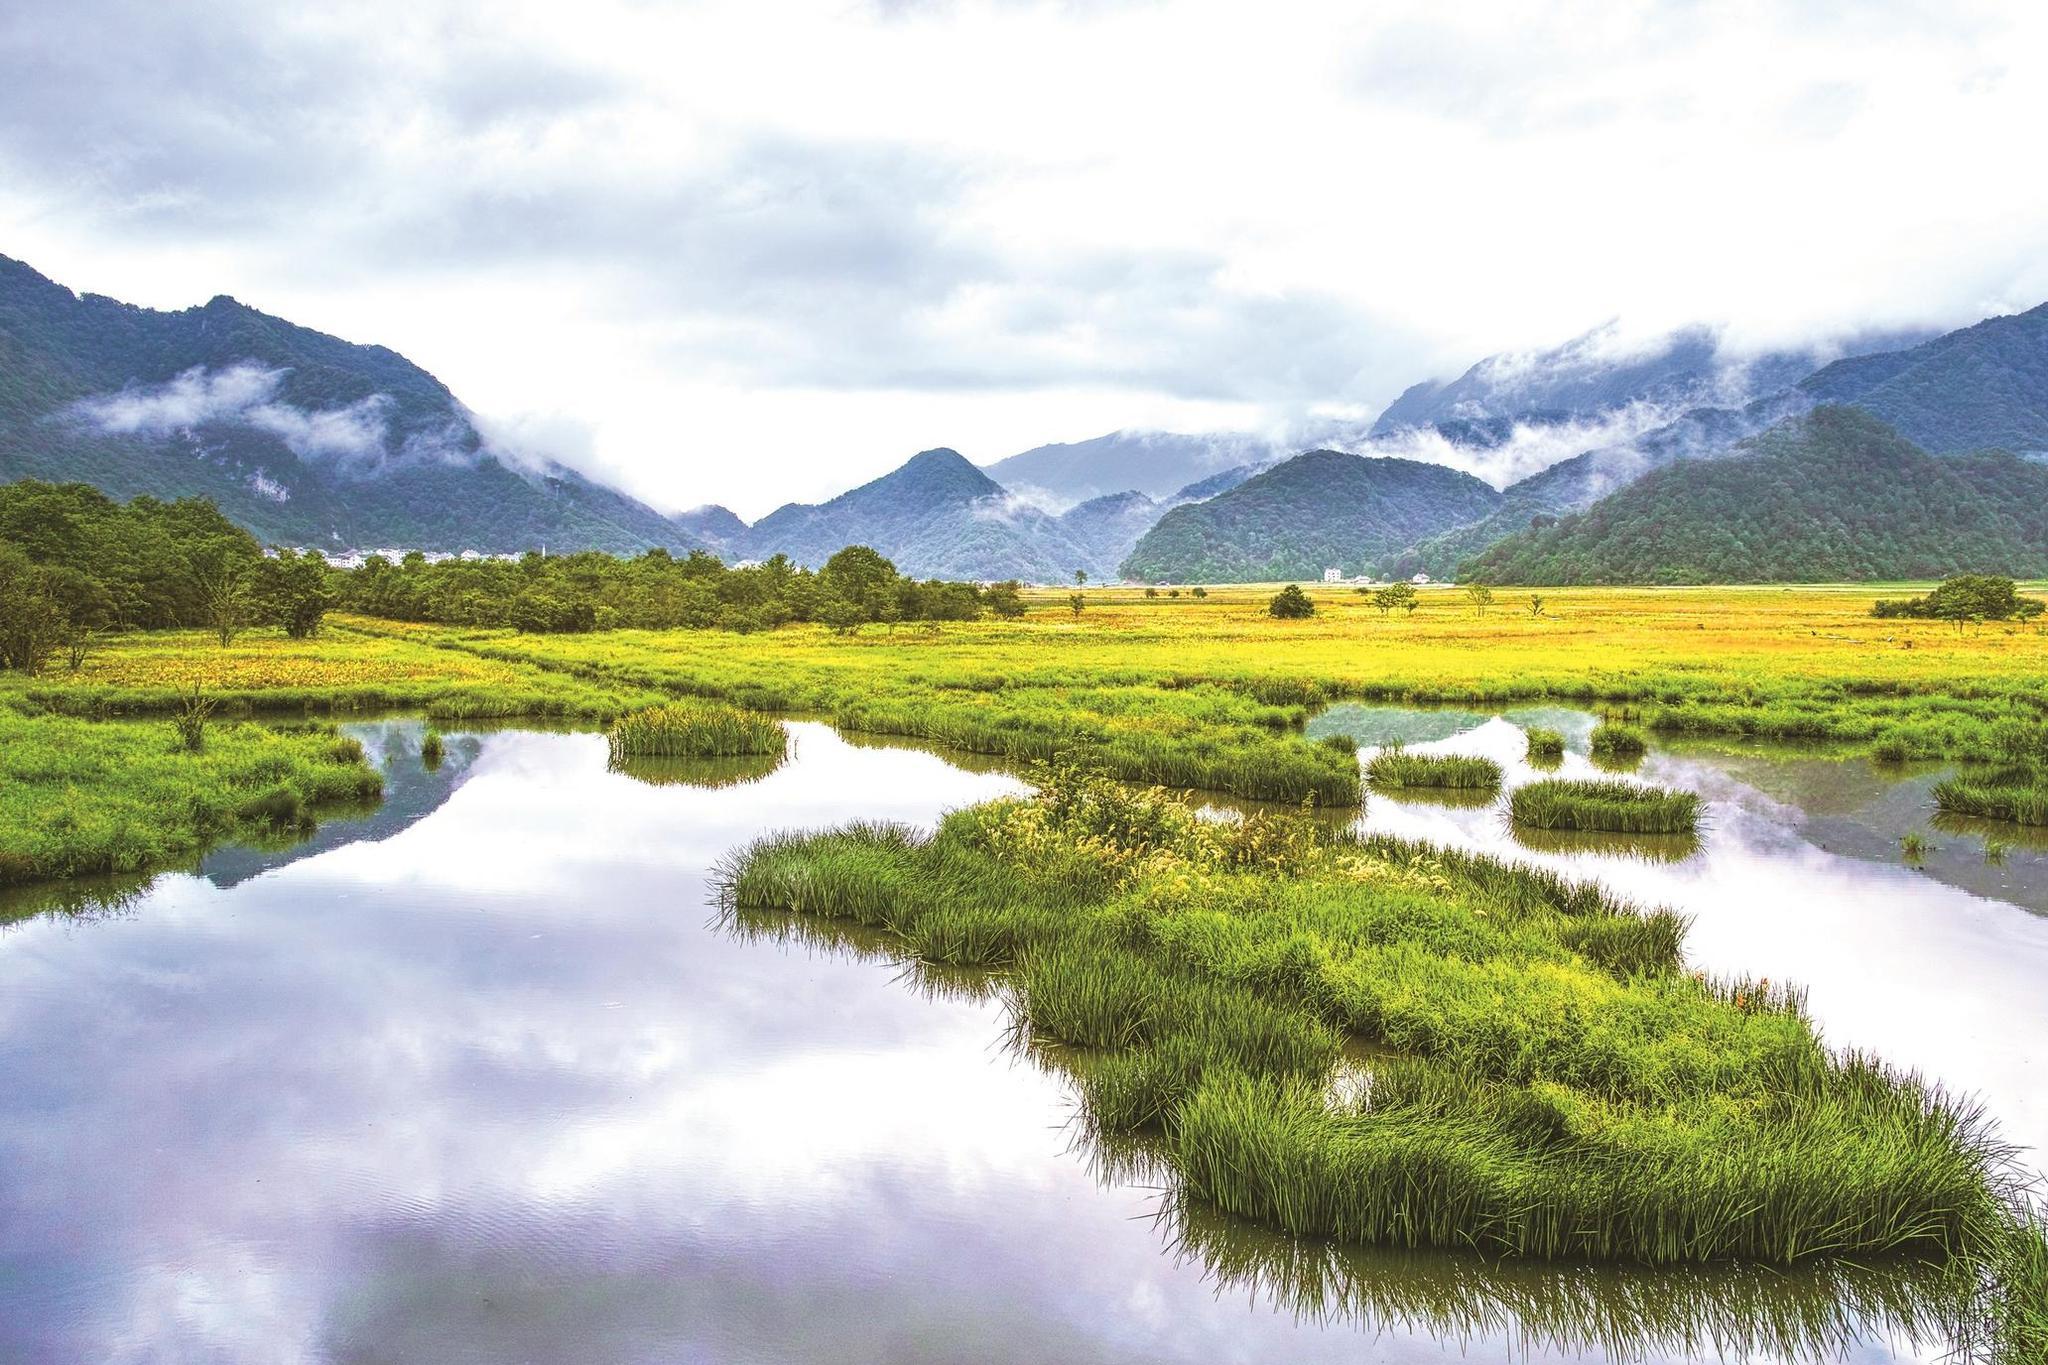 绿水青山之间的生态回声——写于神农架